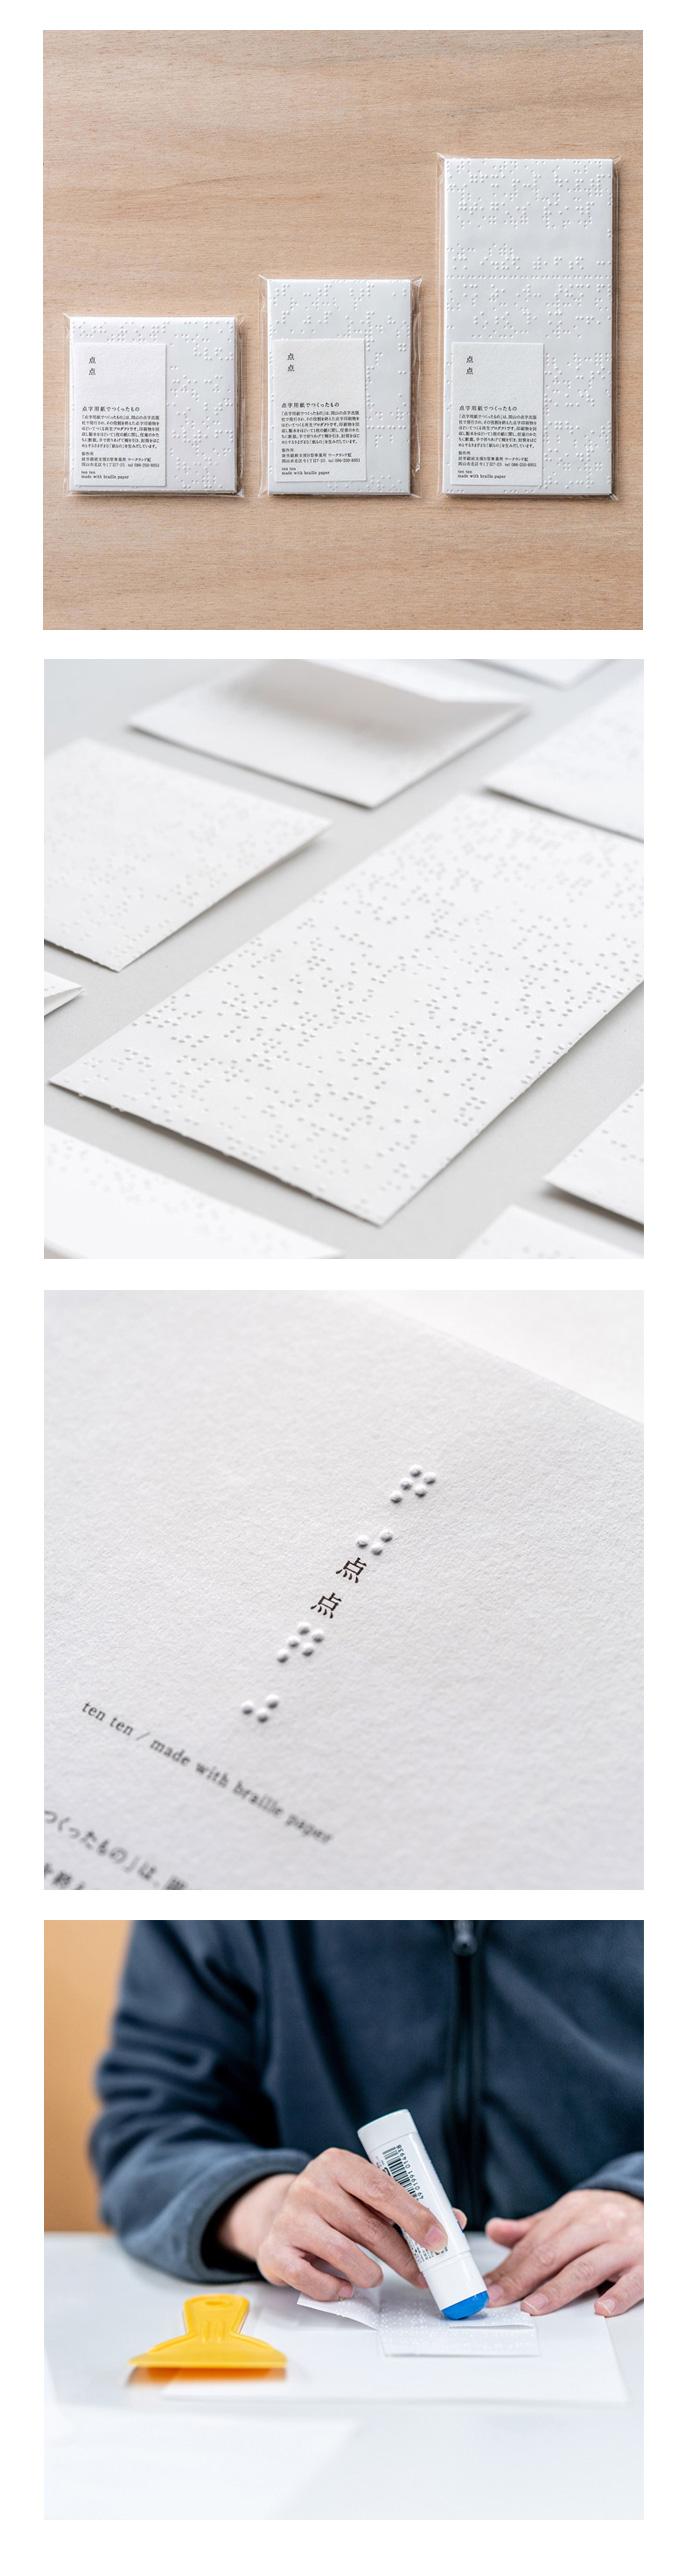 点字用紙の小さな封筒 「点点」展